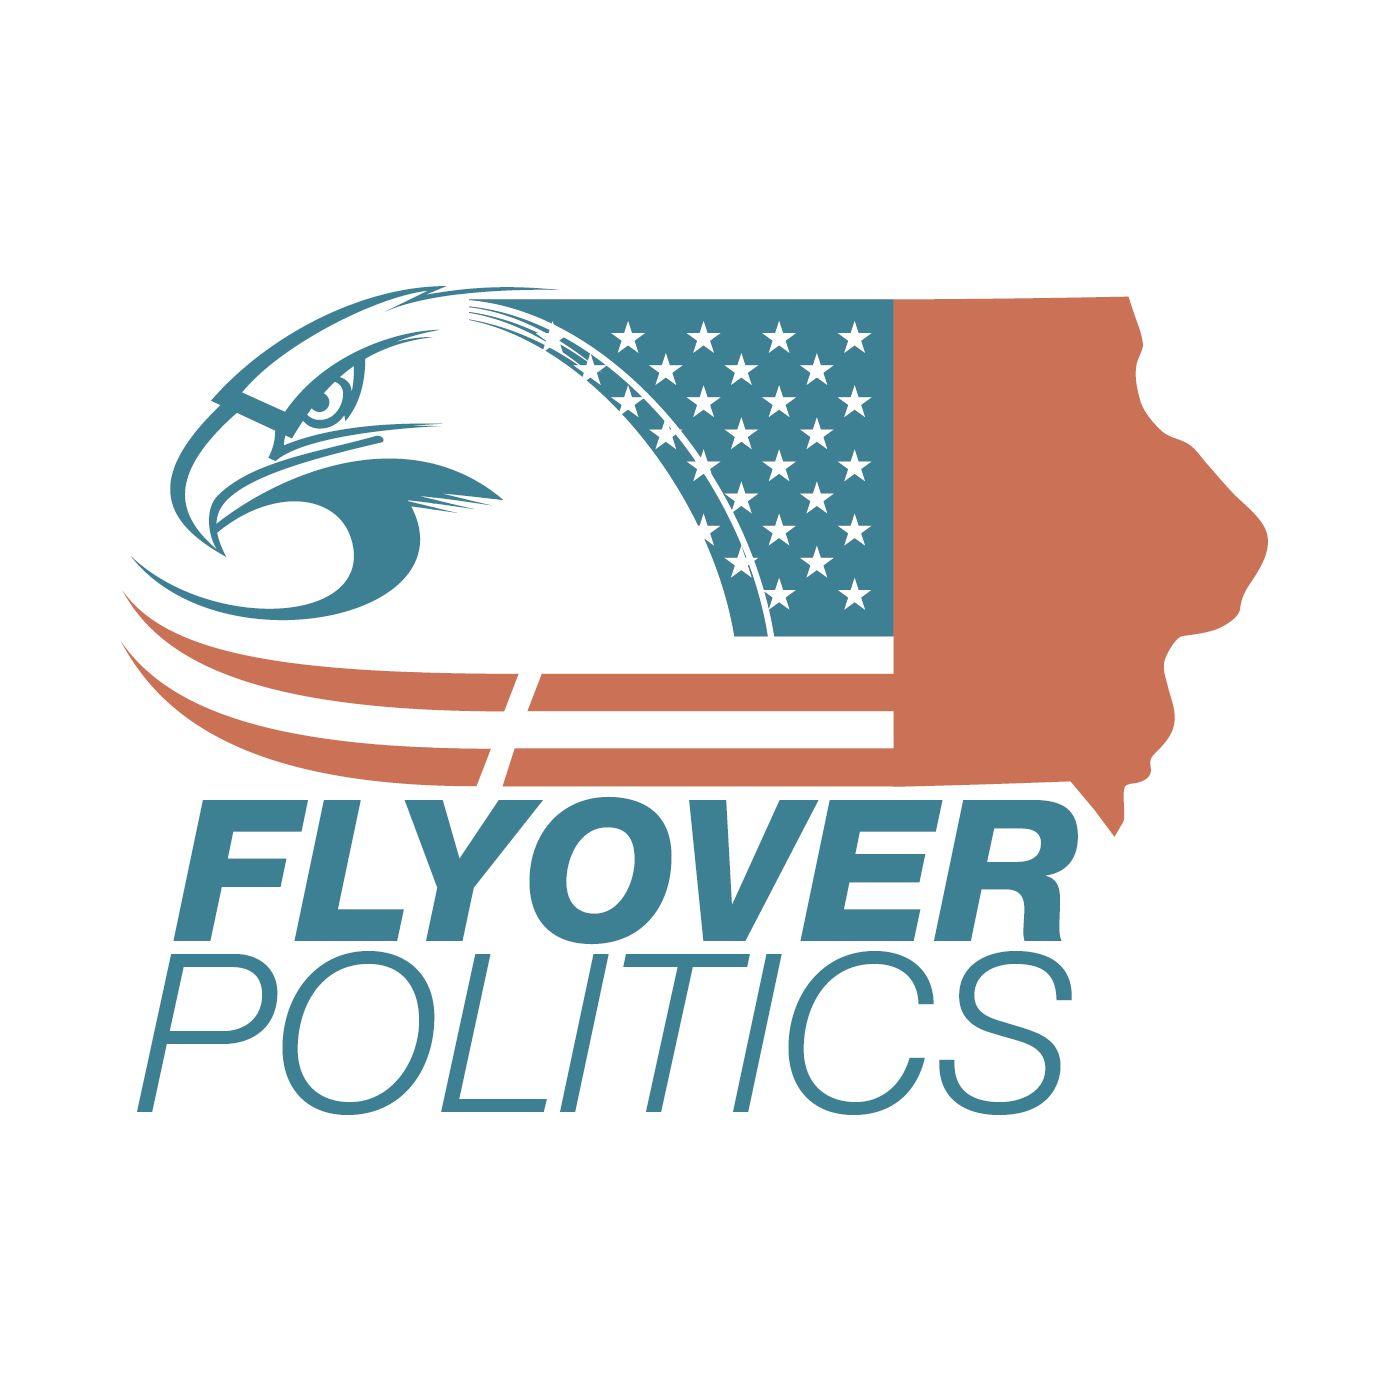 Flyover Politics